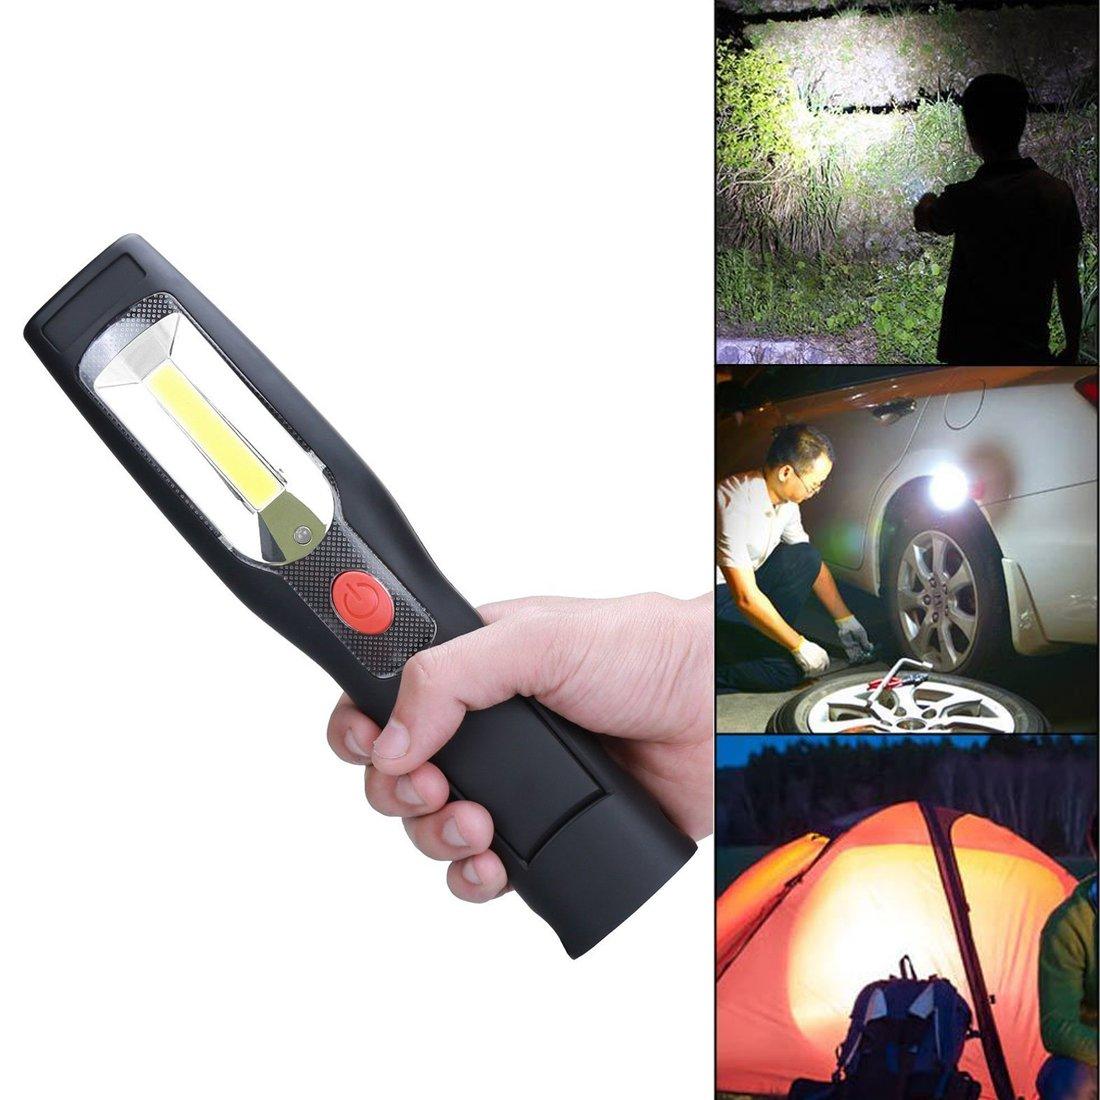 SUPAREE COB kabellos zur Ladung Tragbare, auf dem Haken hä ngende Handlampen, Magnetgriff, 110V & 12V Europä ischer Standard der Ladung, Mehrzwecklampe